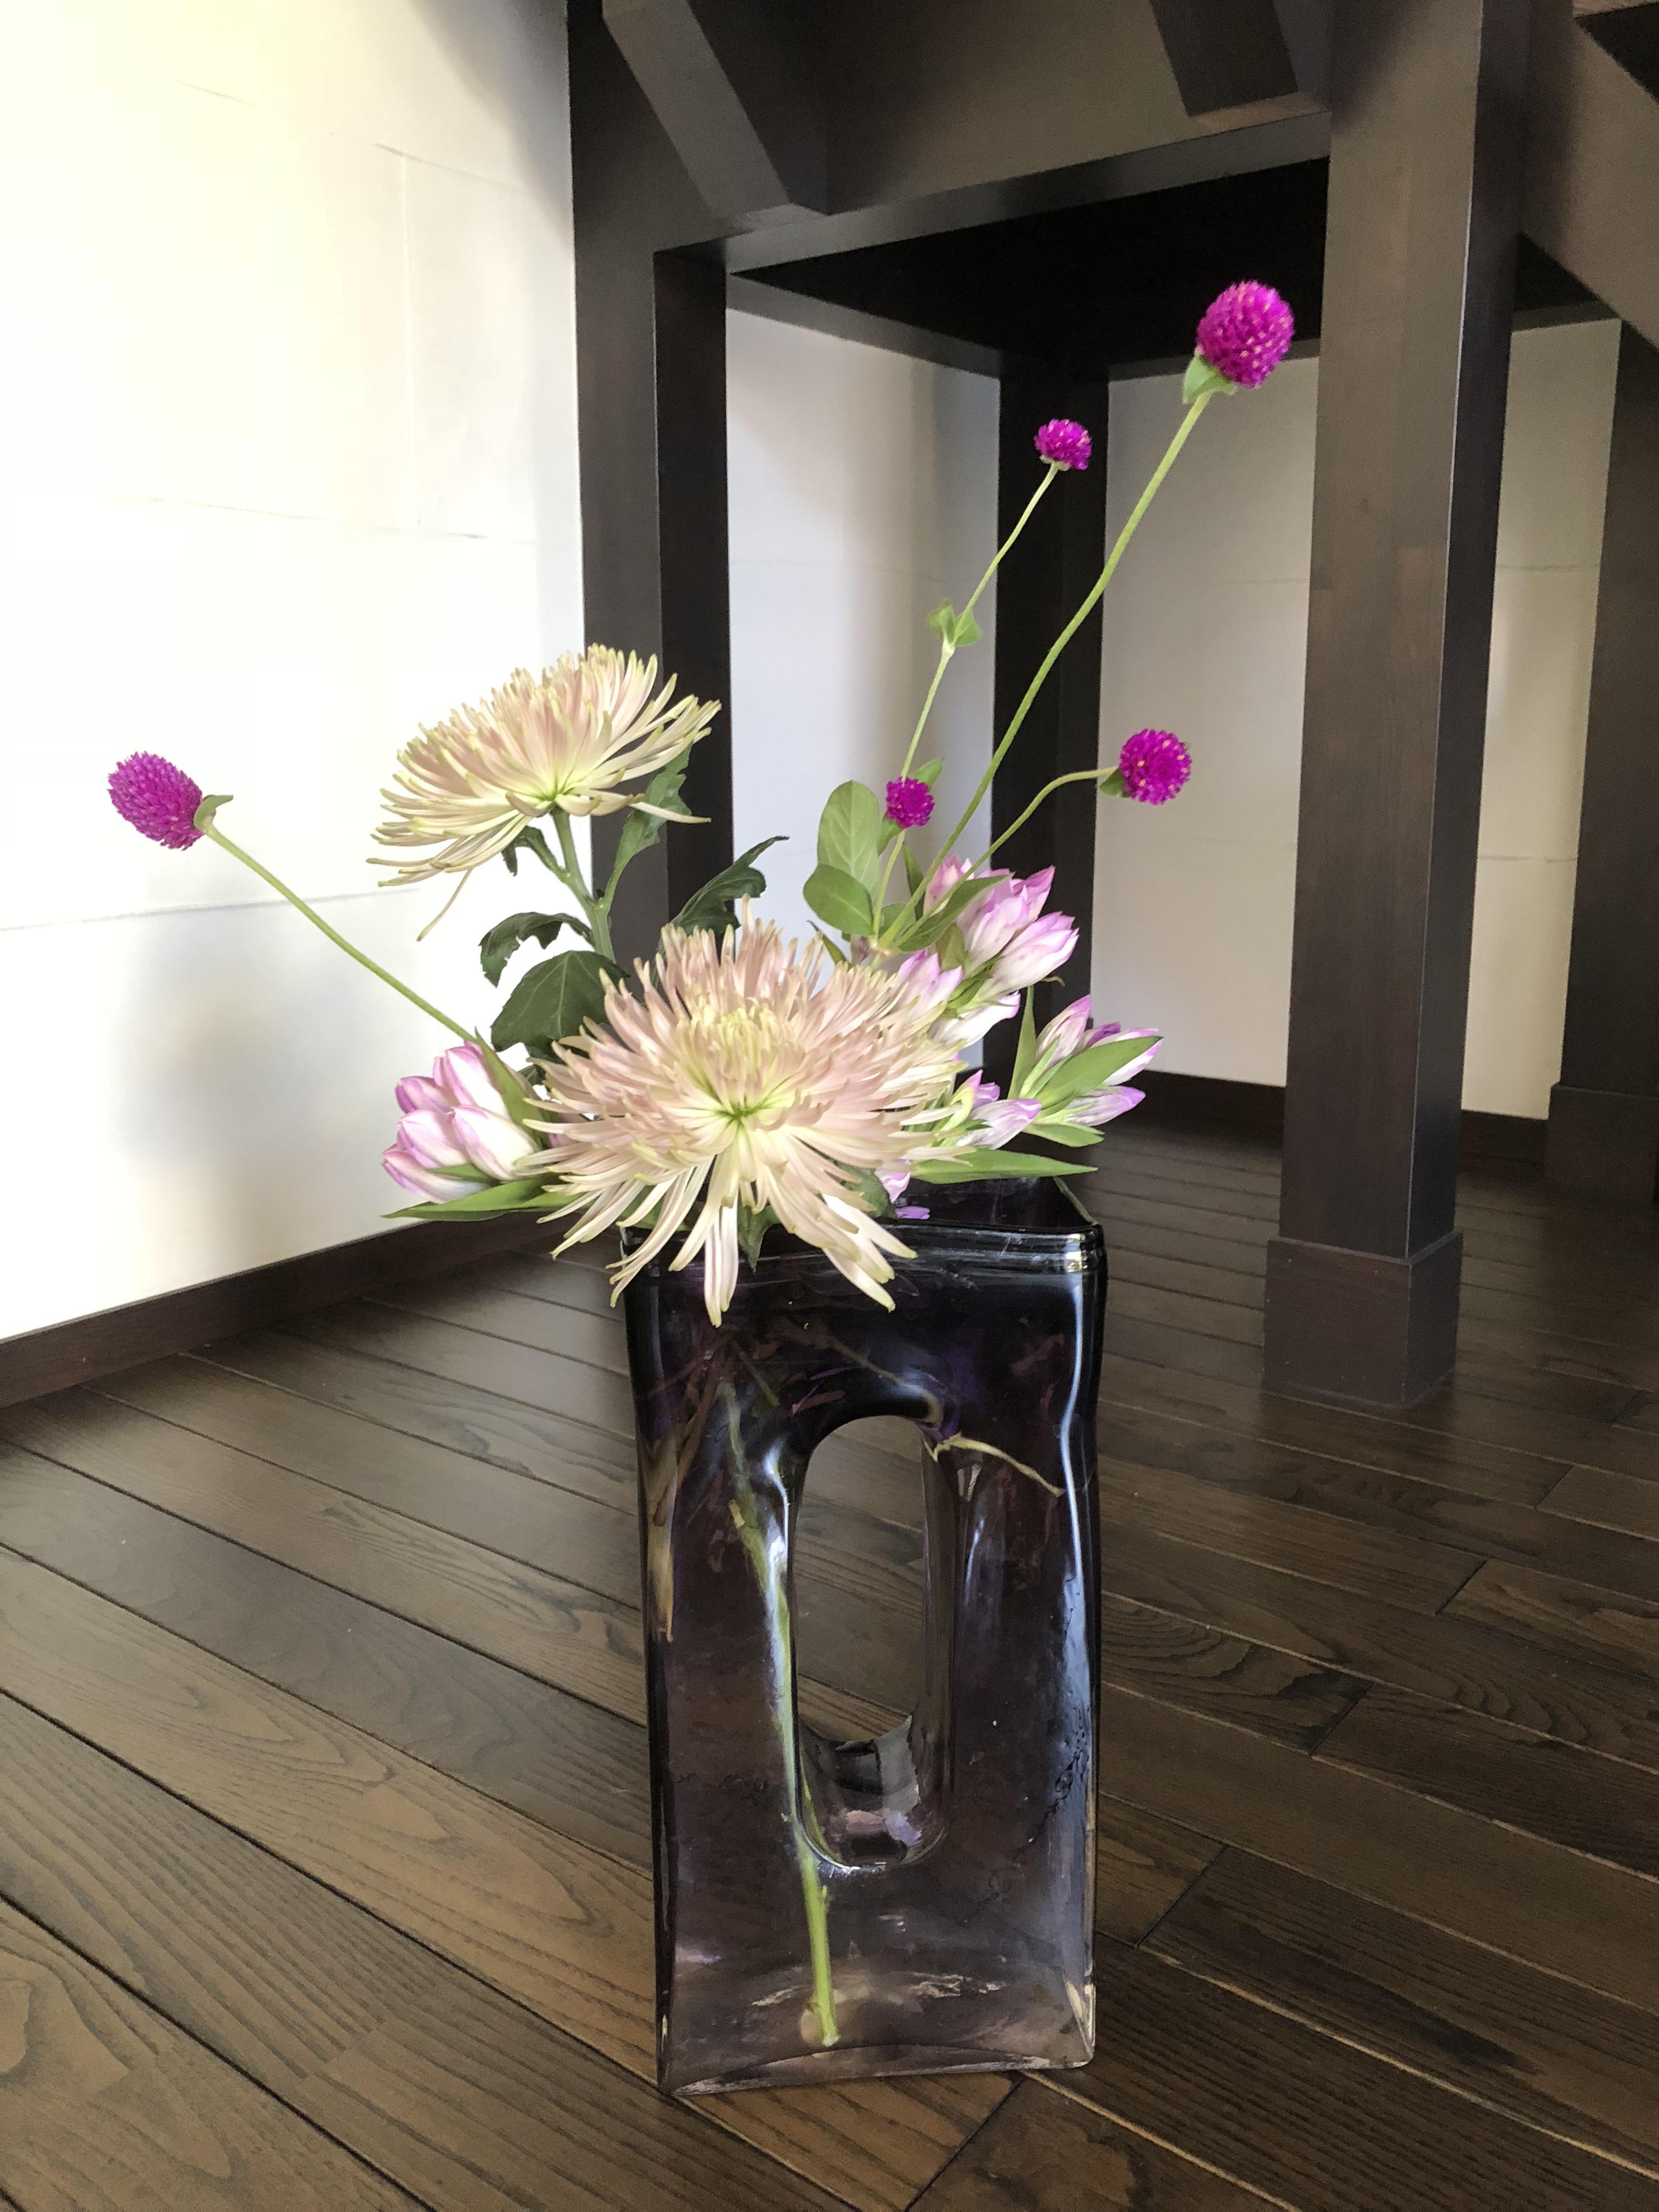 ピンクから赤紫系の生け花